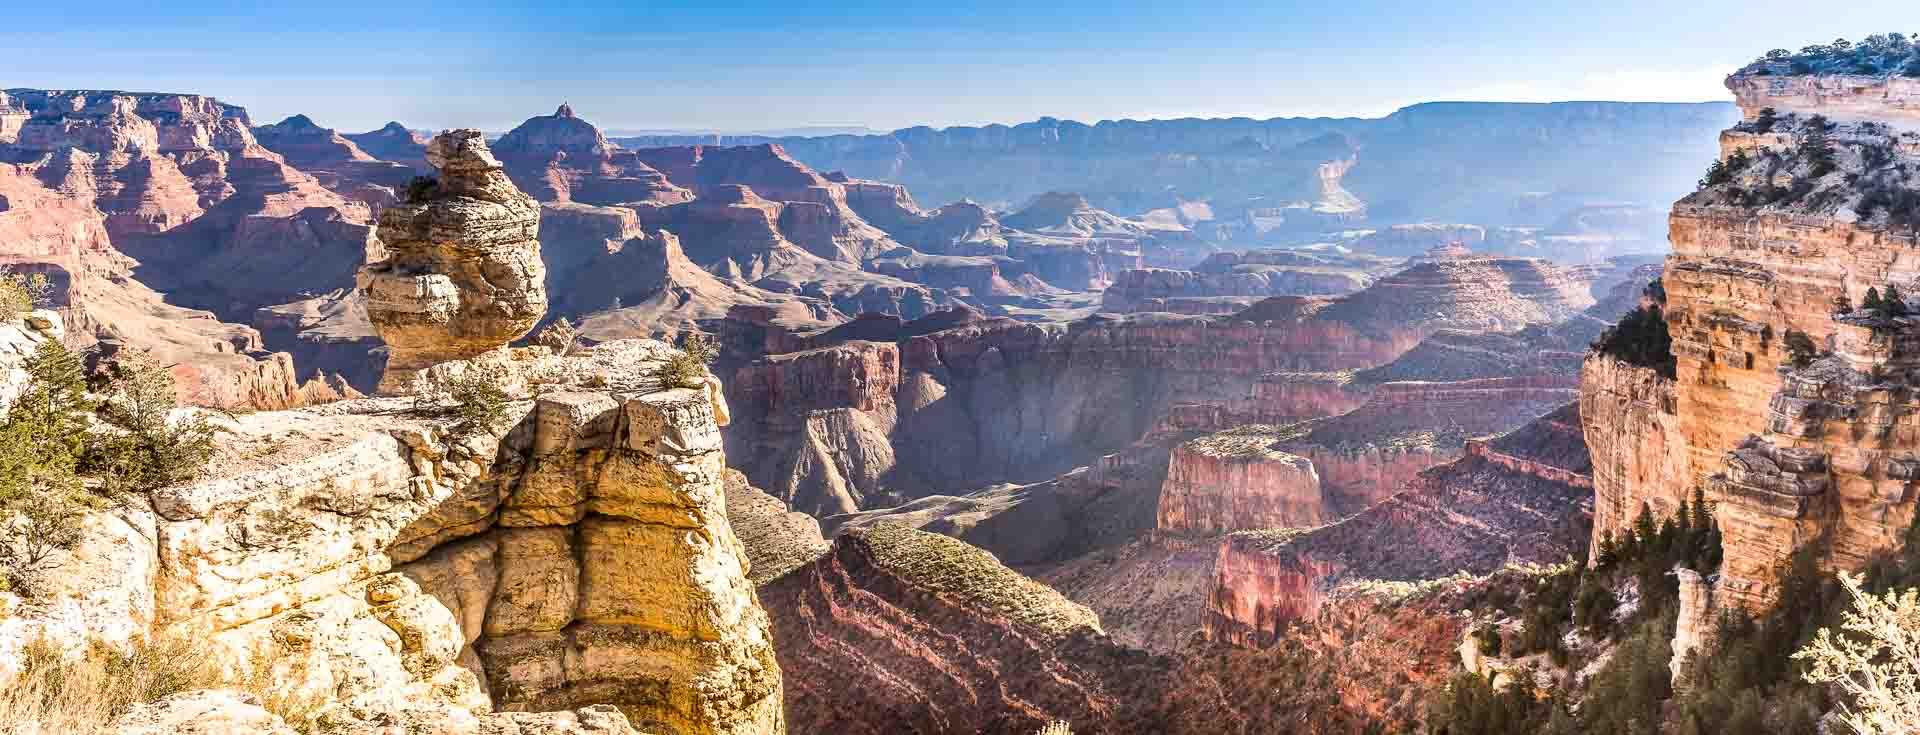 7 Consejos para visitar el Gran Cañon del Colorado